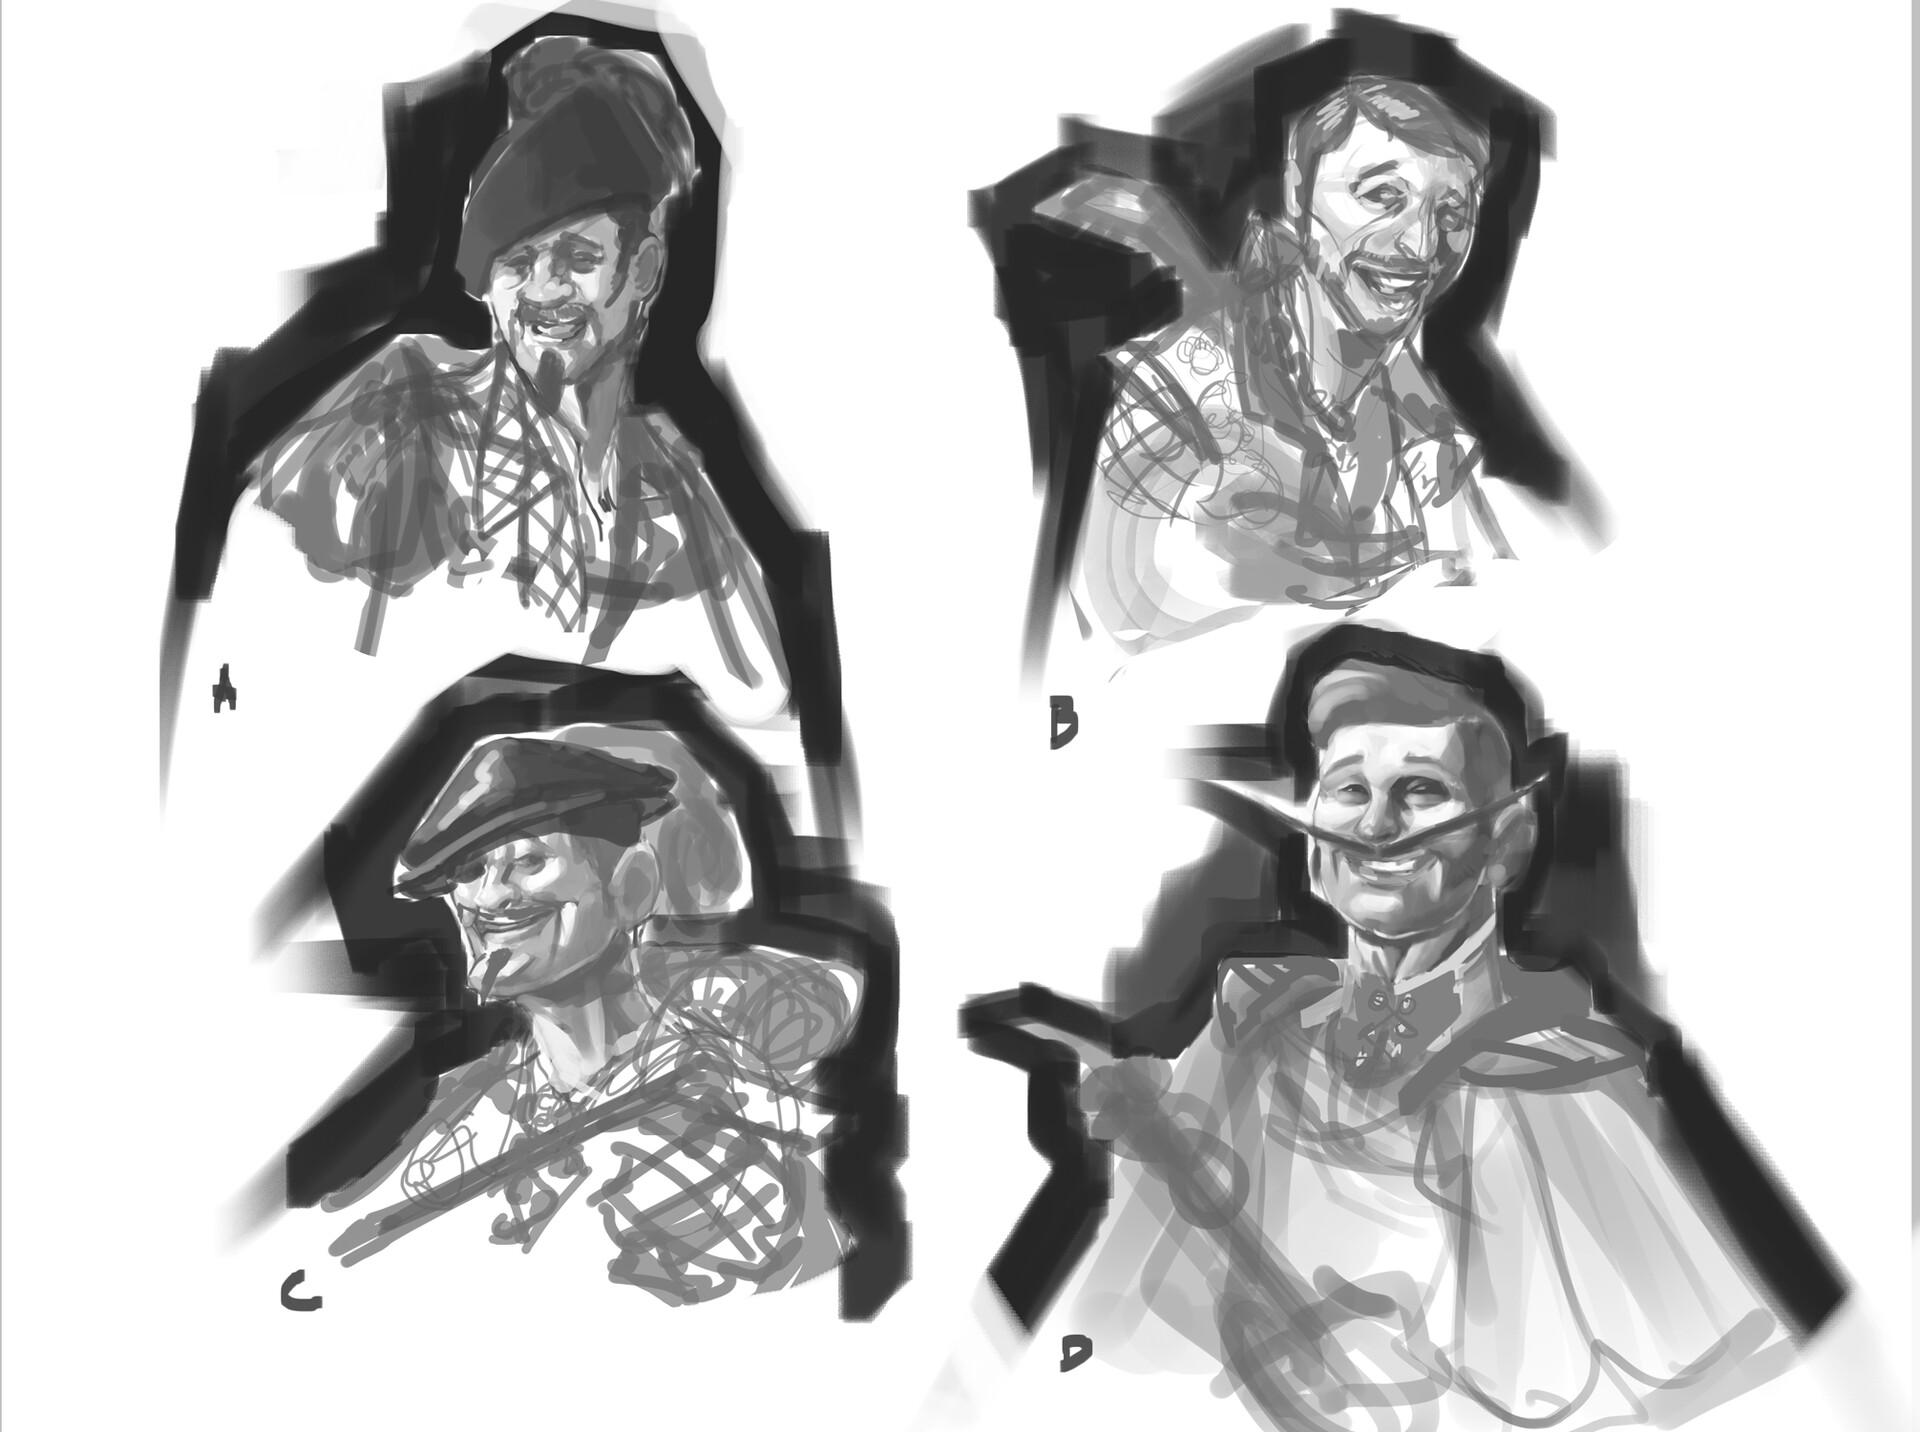 Carlo spagnola bard sketches